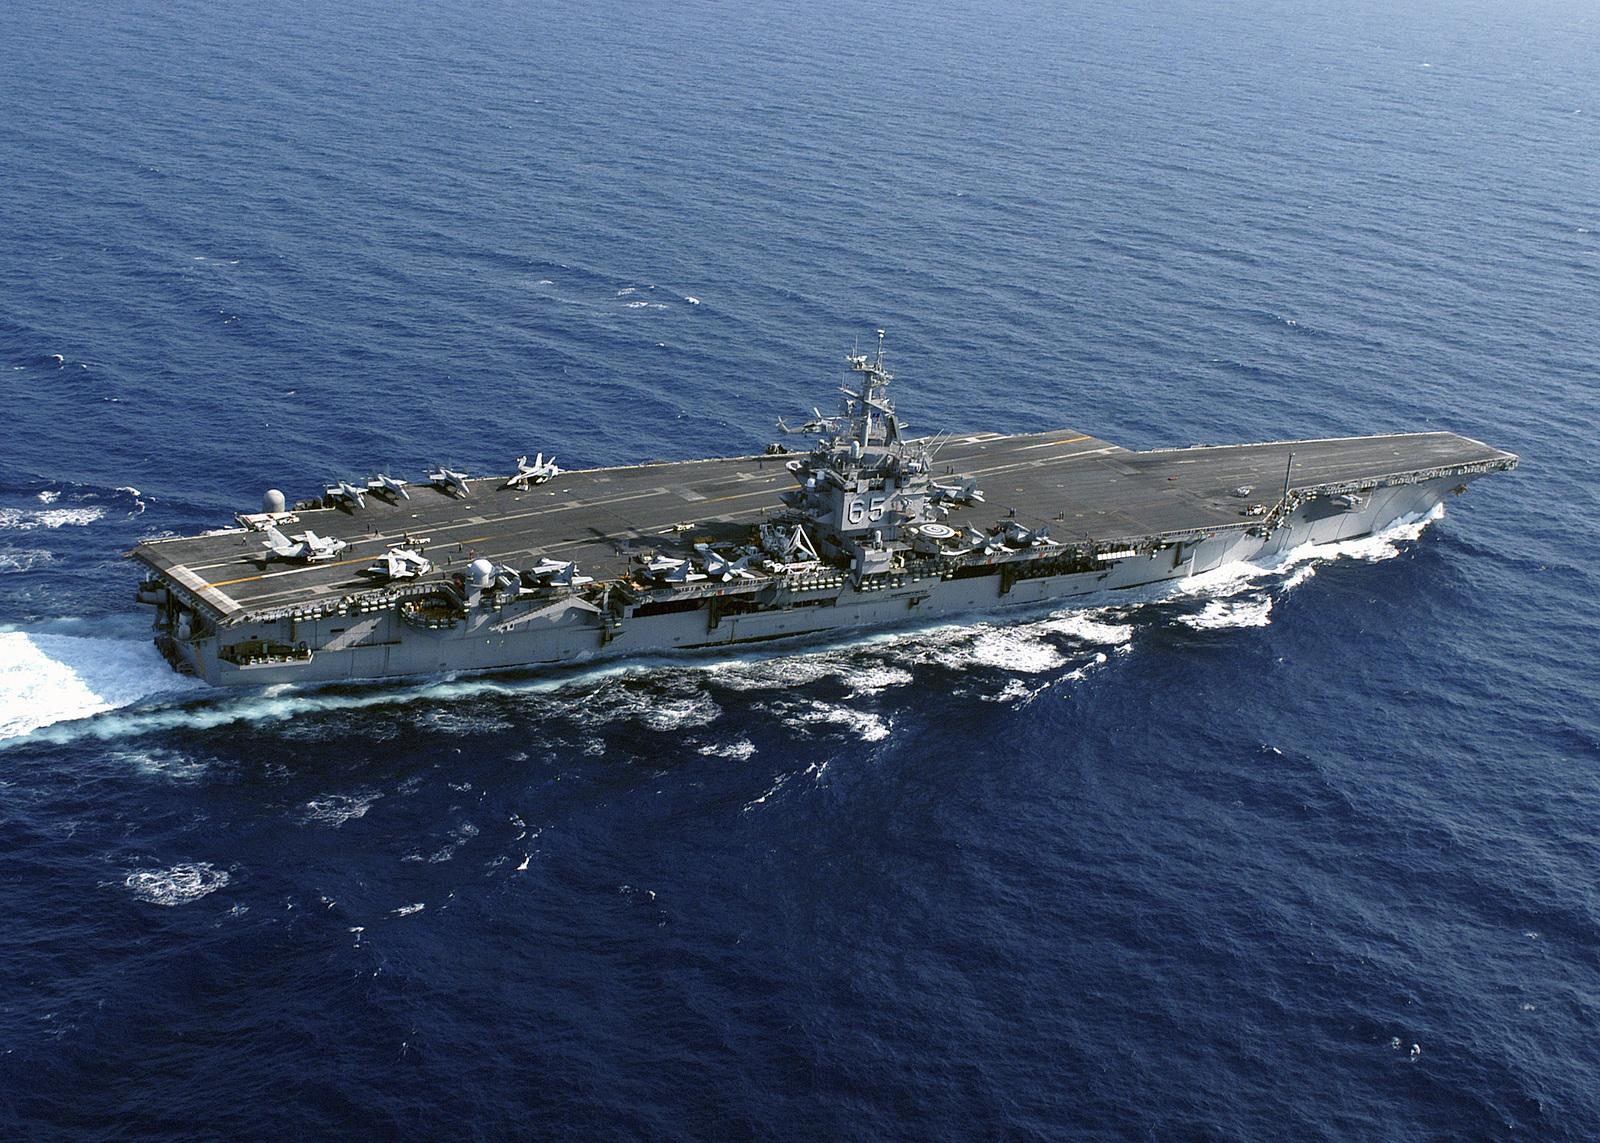 The US Navy (USN) Aircraft Carrier USS ENTERPRISE (CVN 65 ...